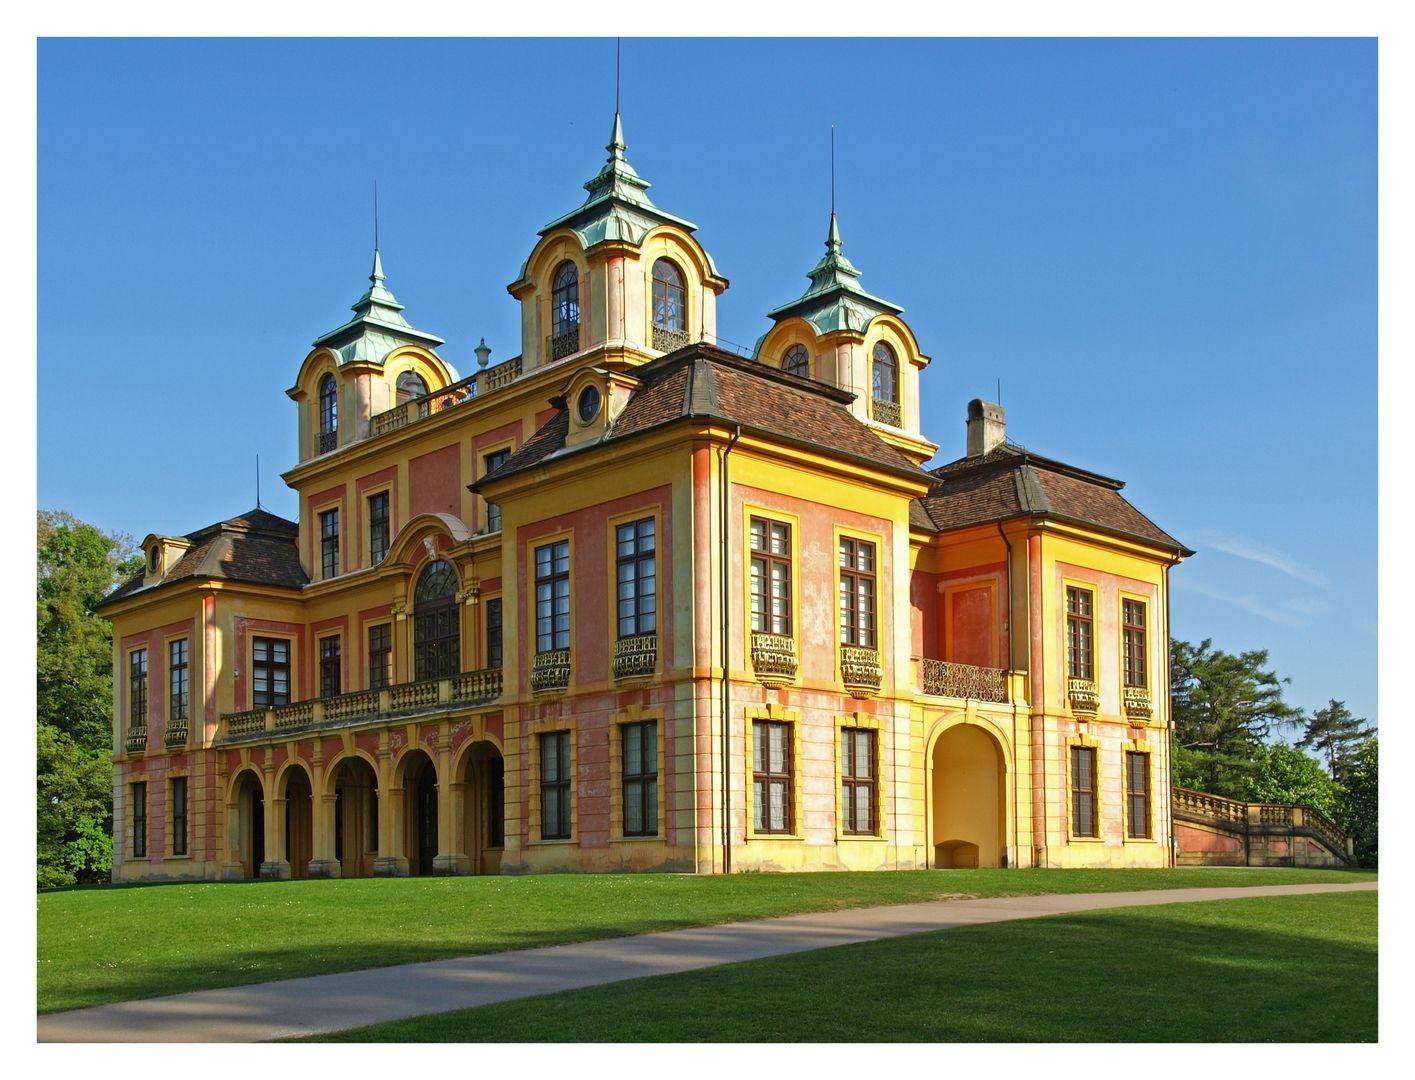 Schloss Favorite Burgen Und Schlosser Burg Anwesen